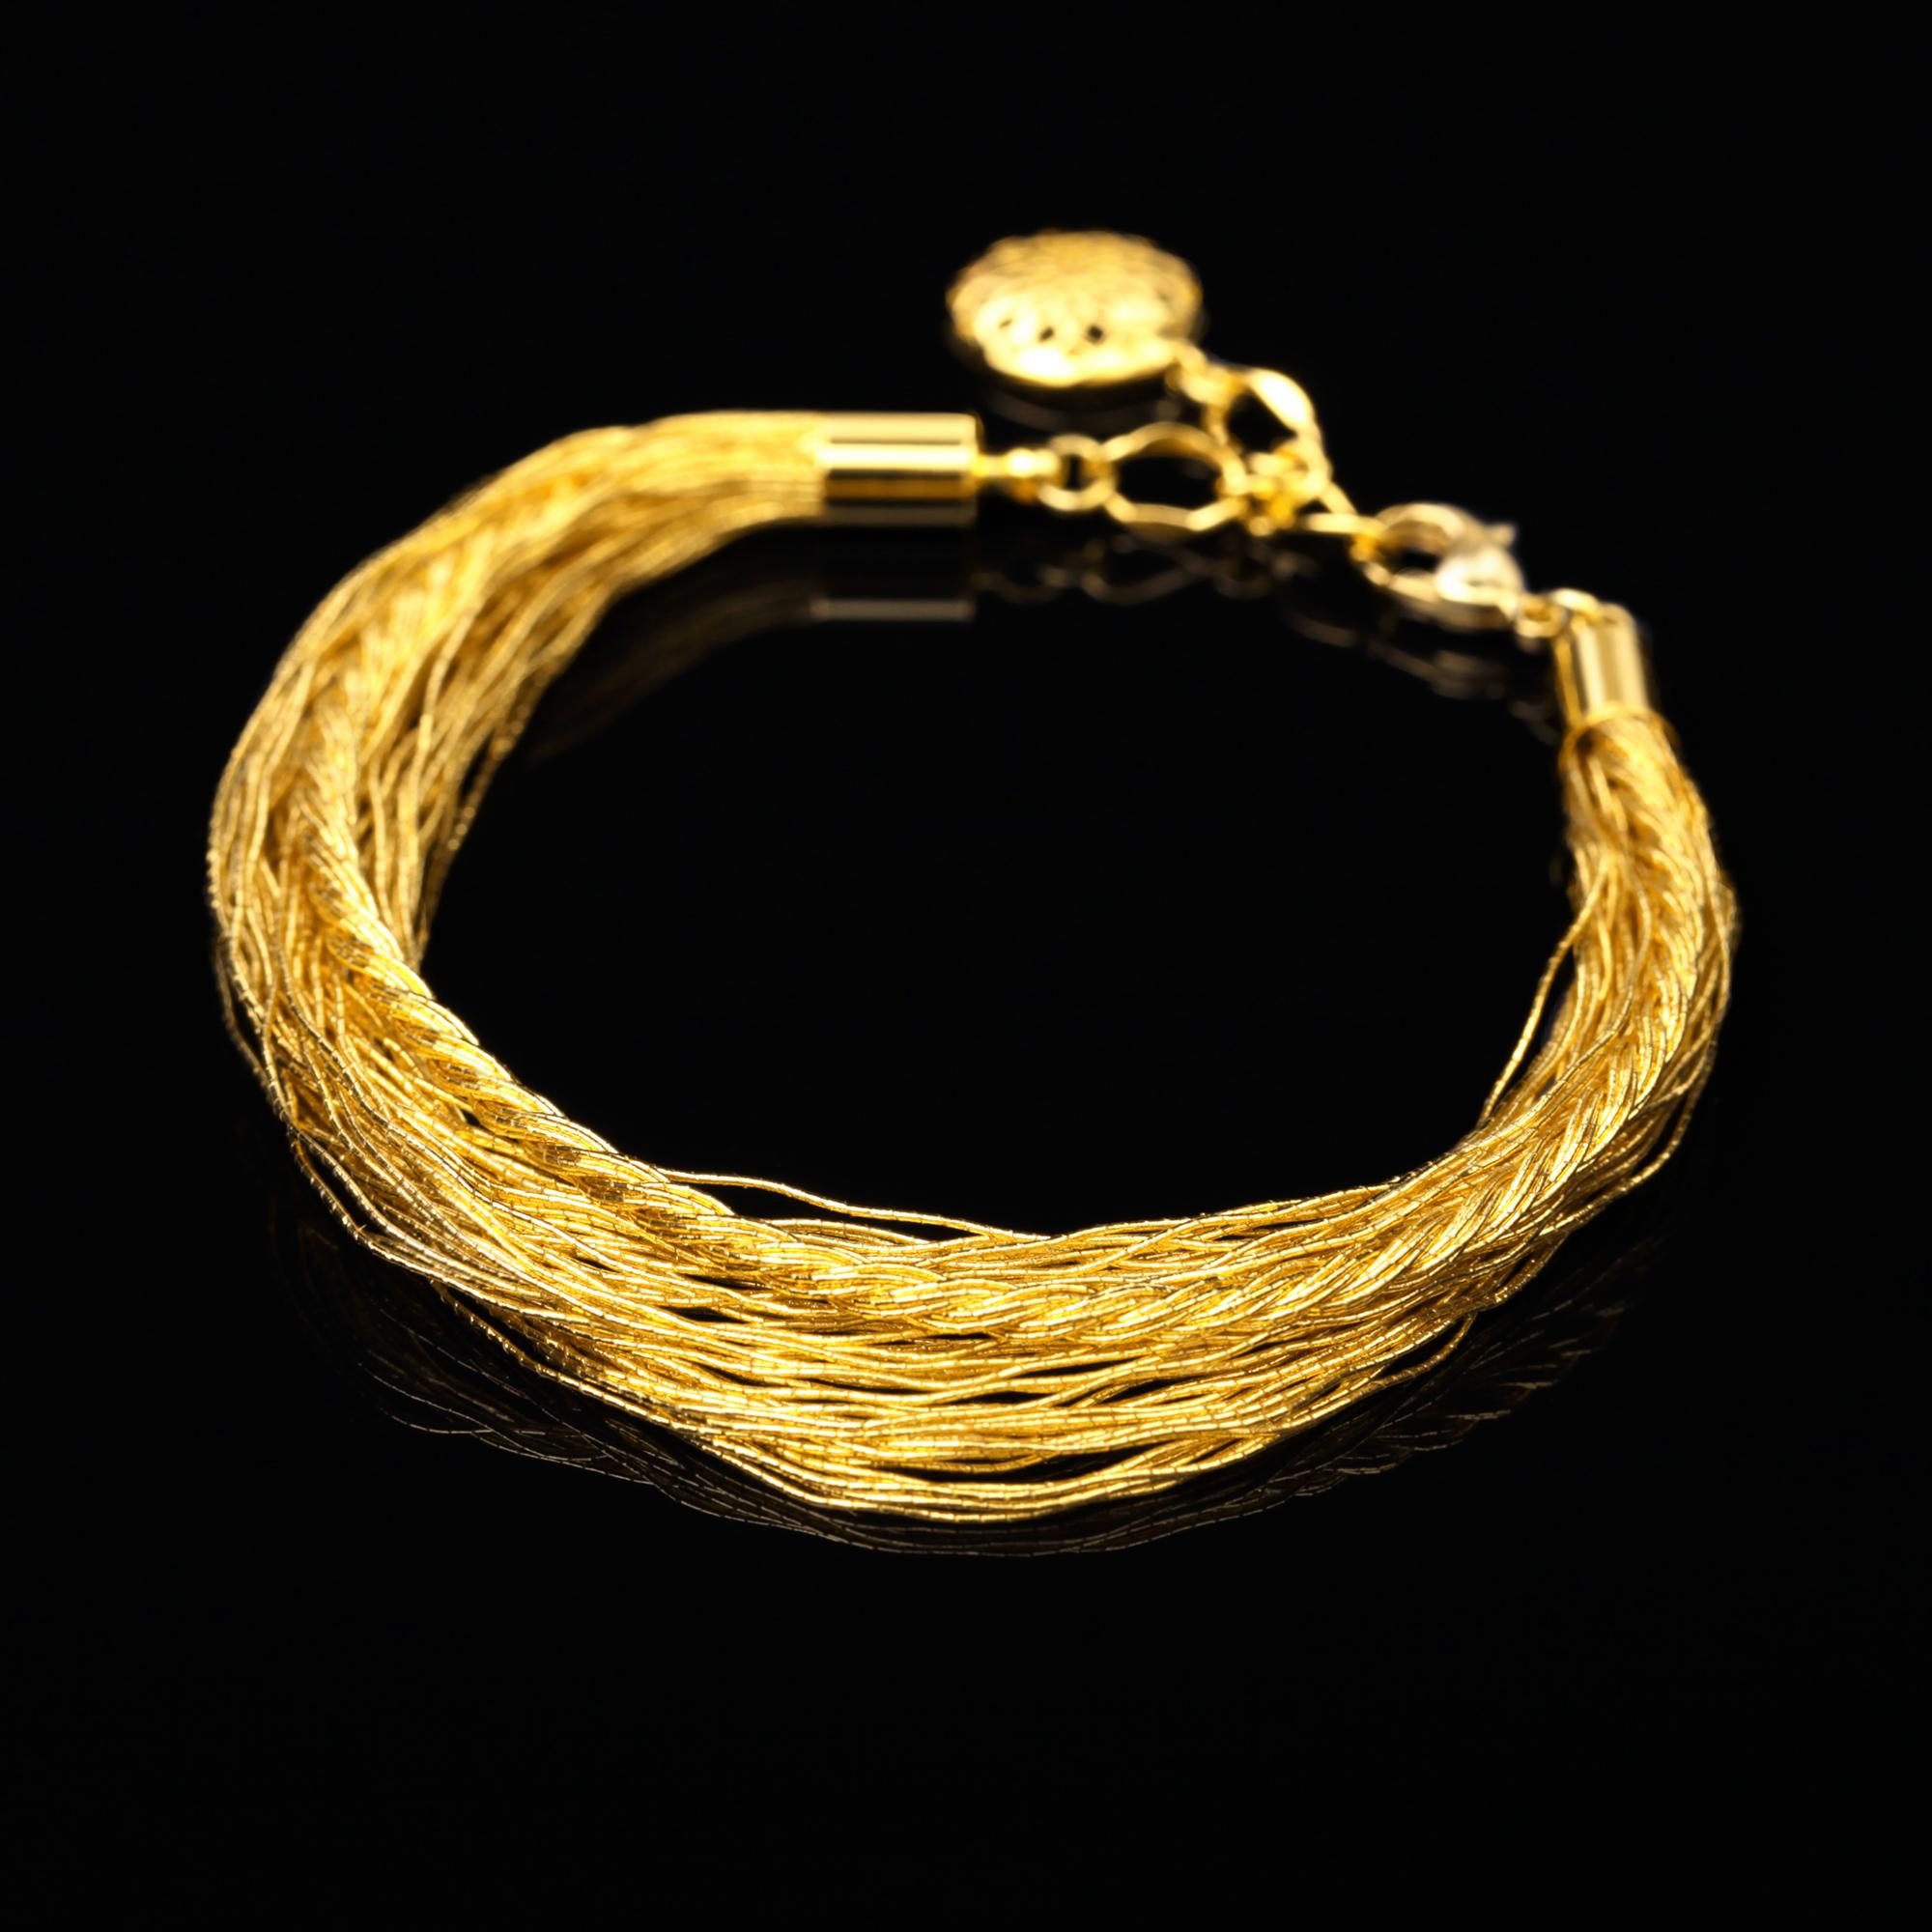 和の彩 金銀糸ブレスレットの商品写真です。型番:658-975 画像その1